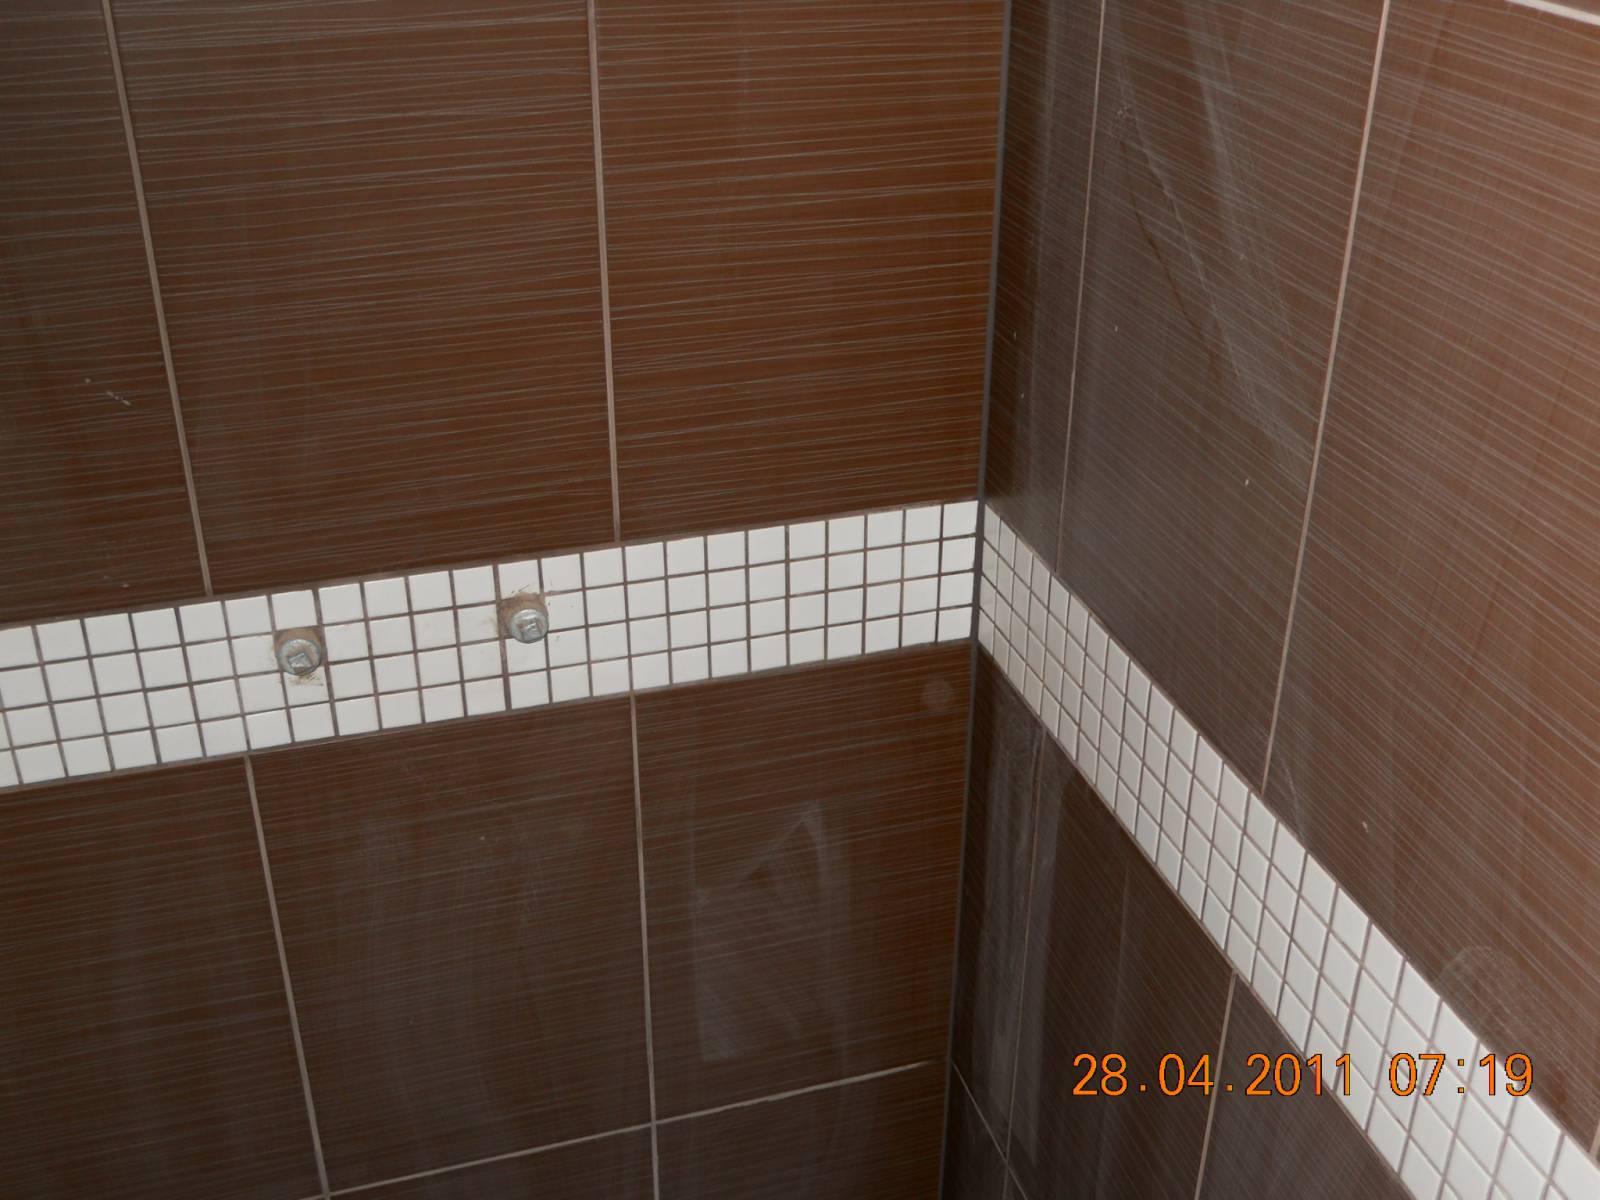 Pici fürdőszoba - Kis fürdőszoba - Fotóalbumok - Hidegburkolás